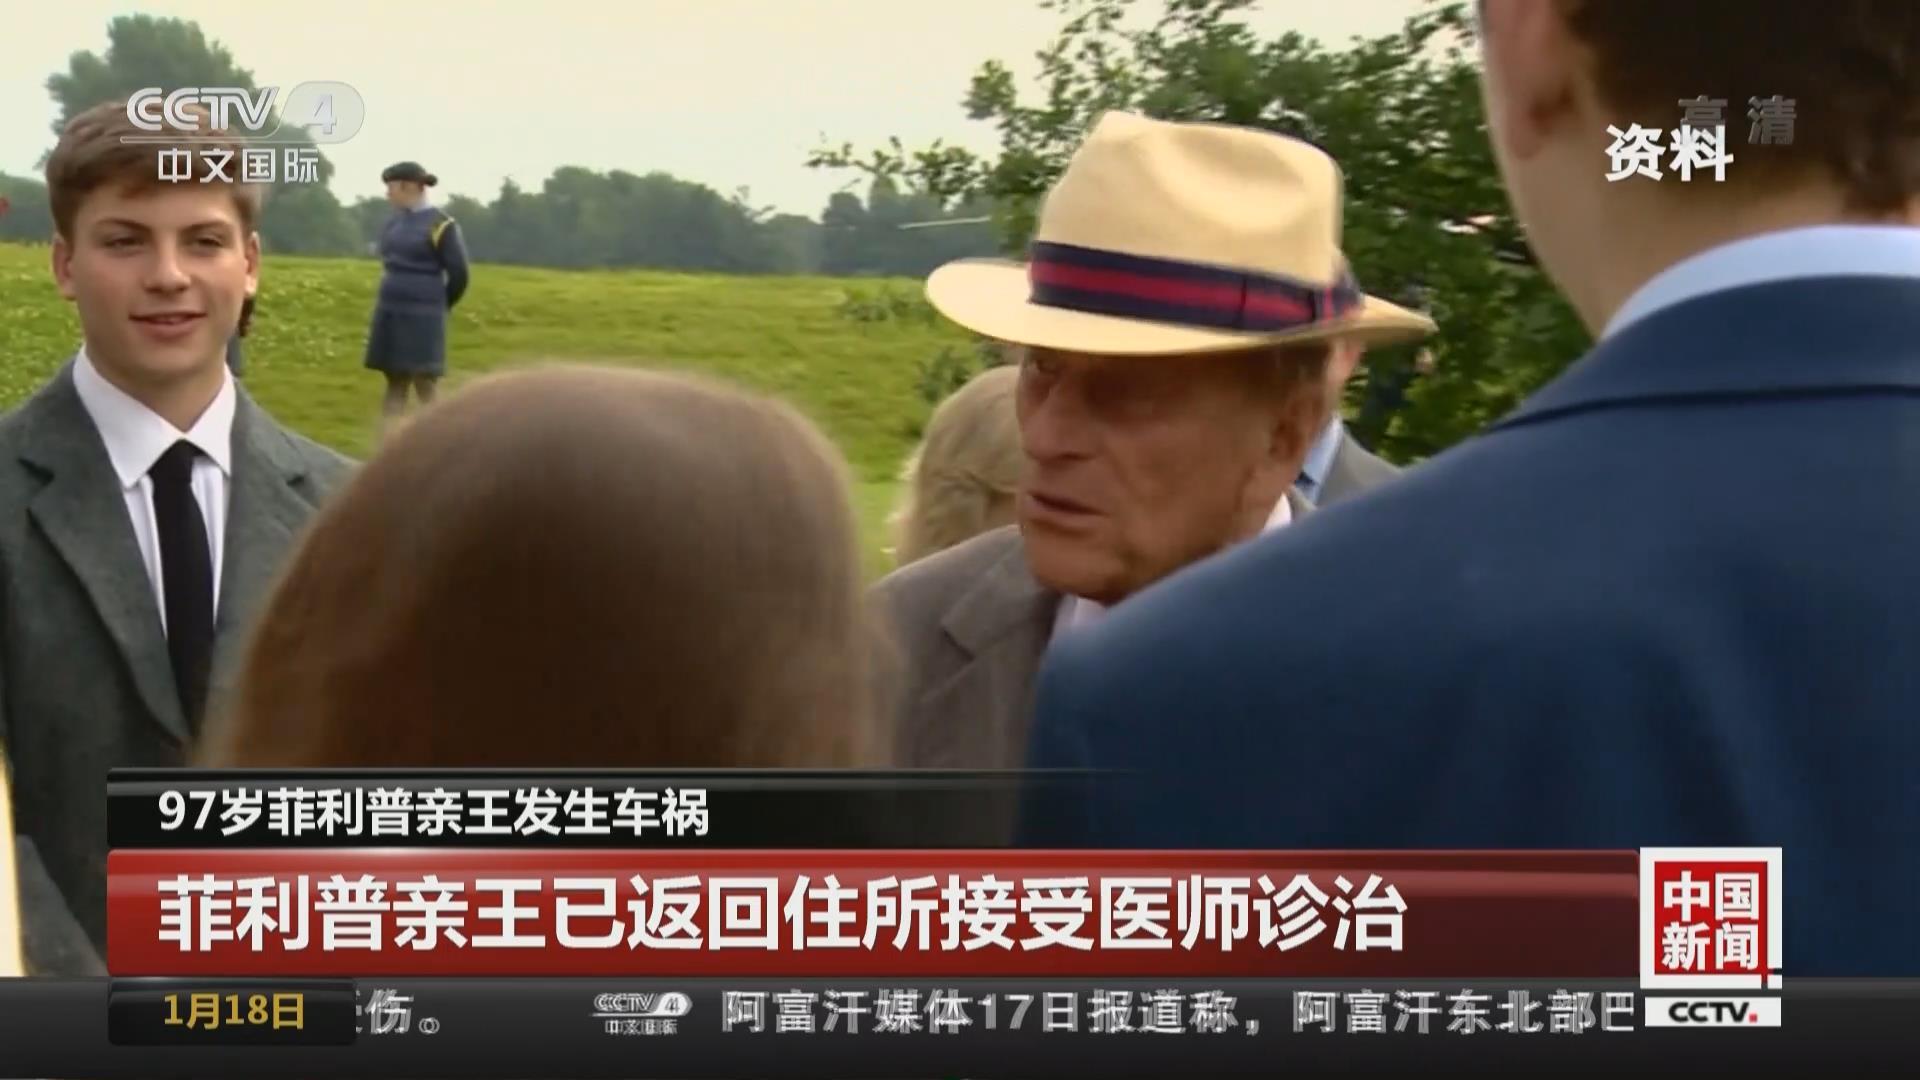 97歲菲利普親王發生車禍